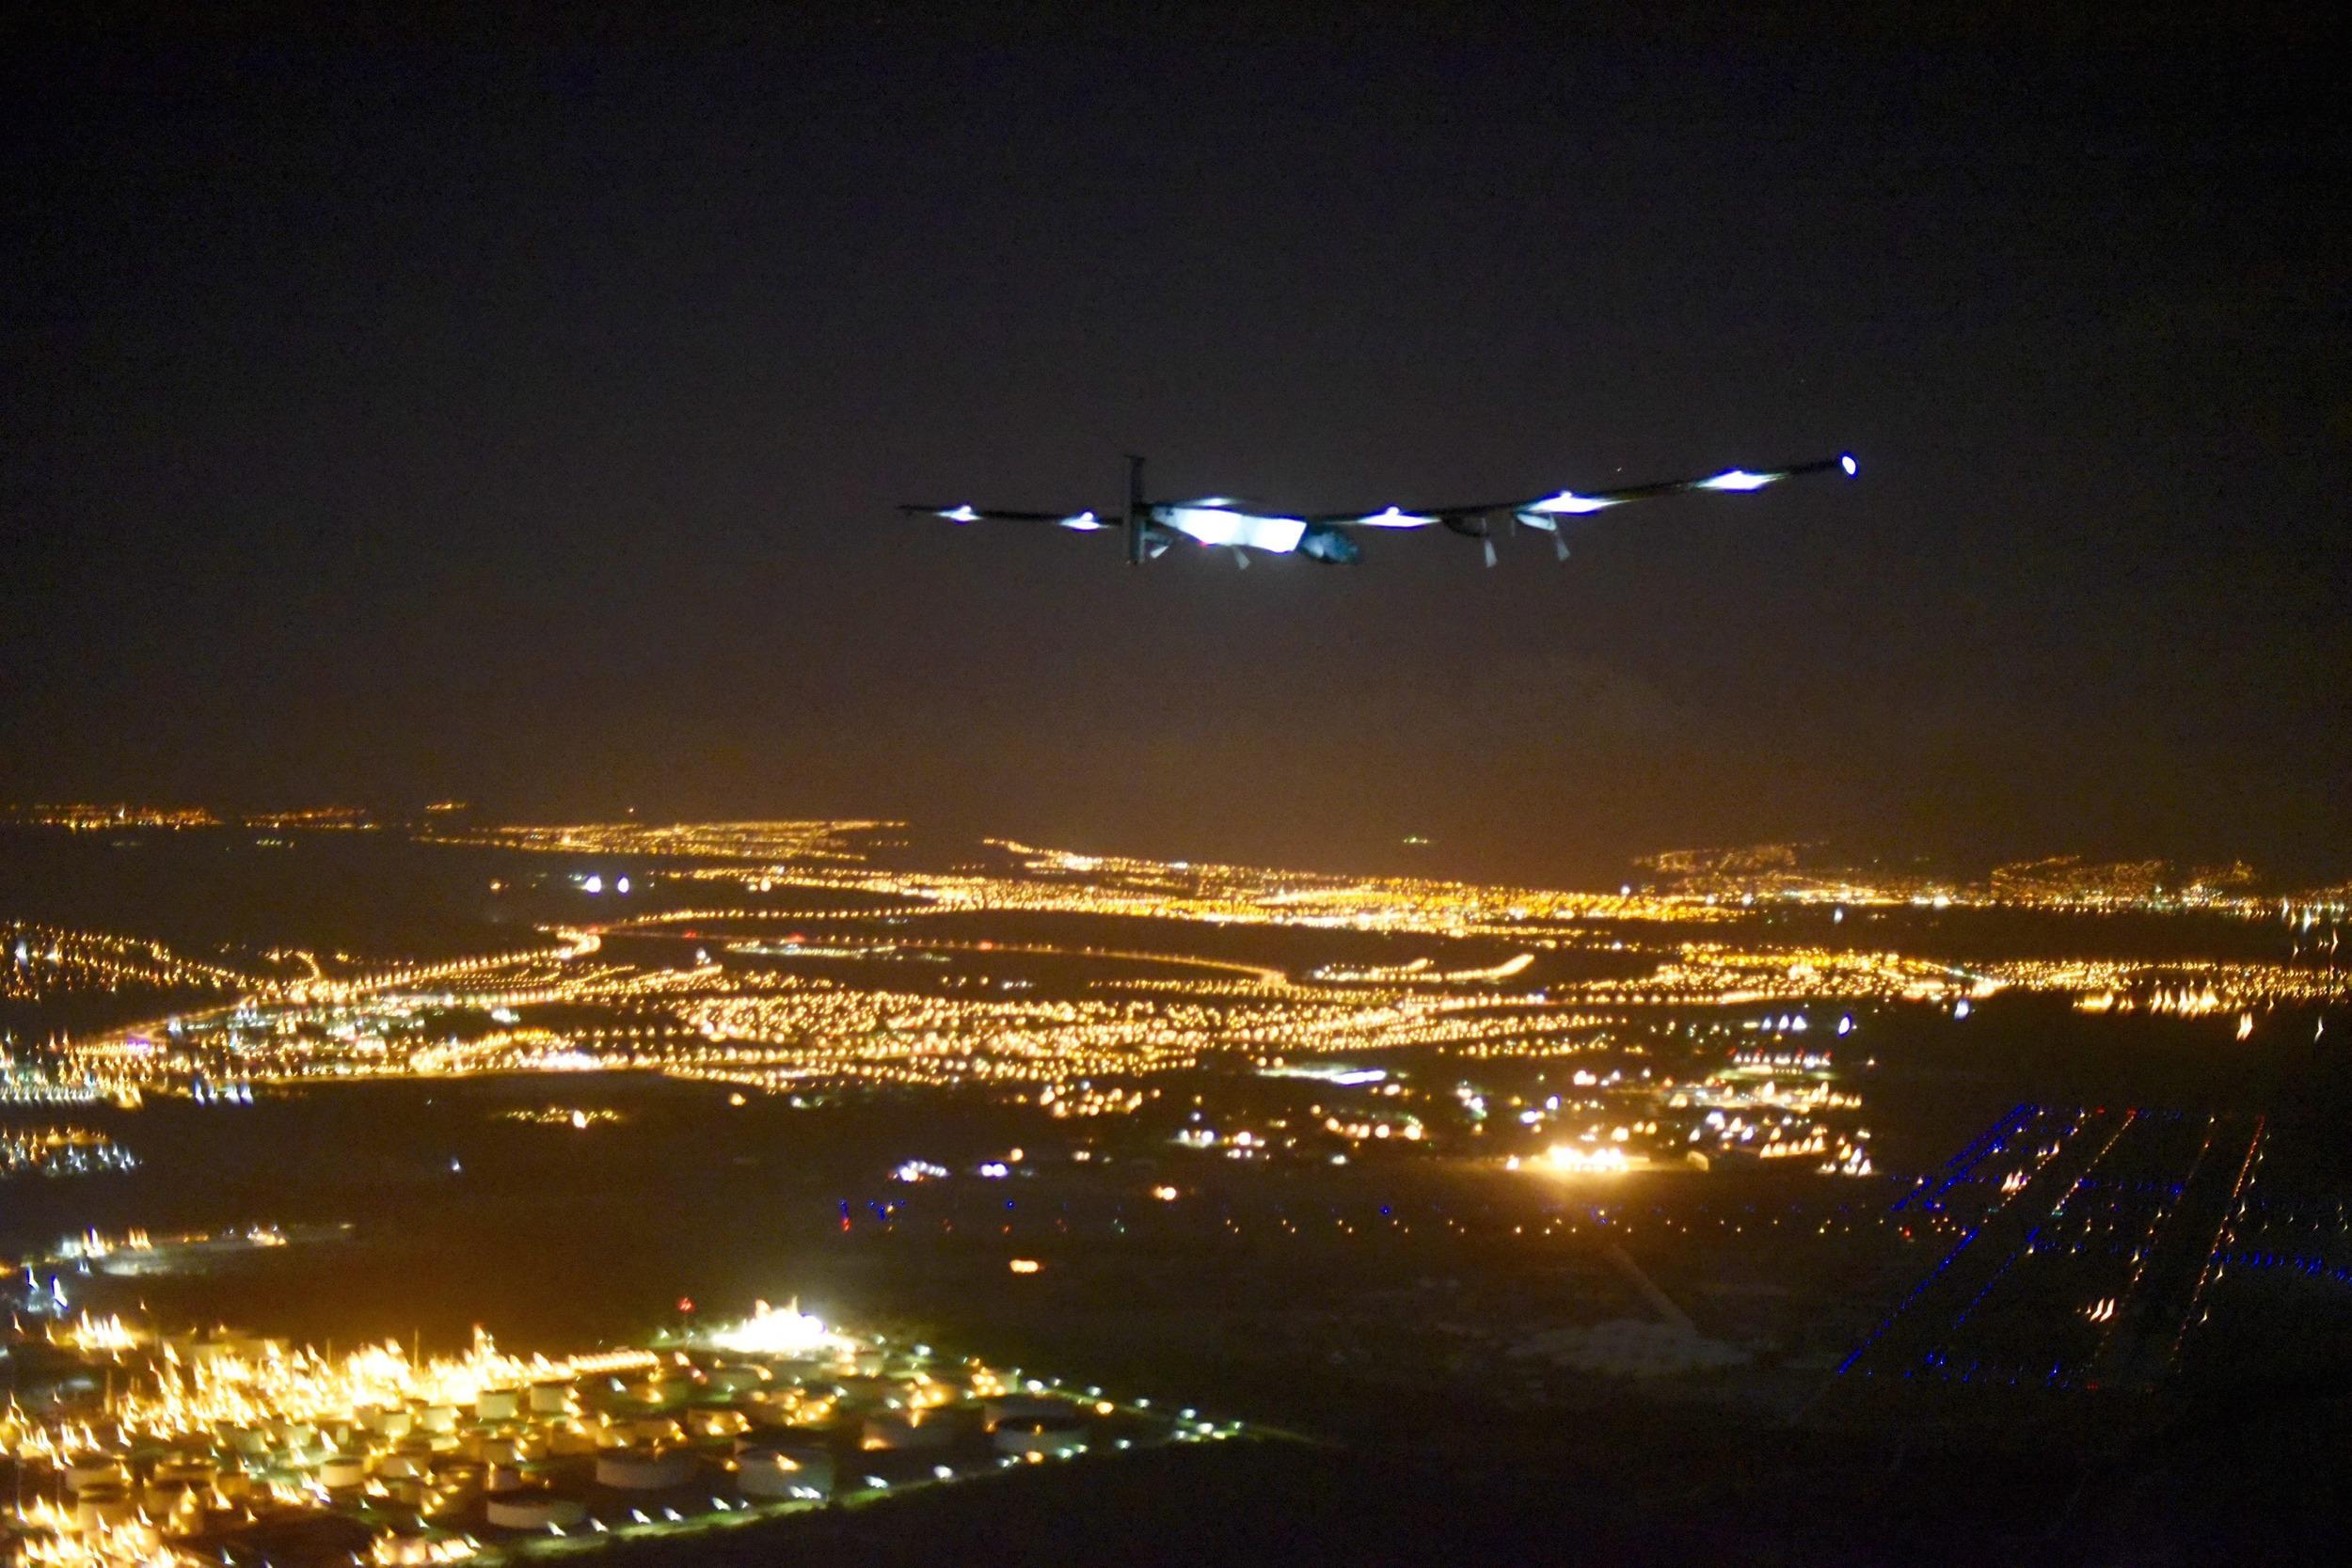 Solar Impulse Lands in Hawaii After Historic Flight